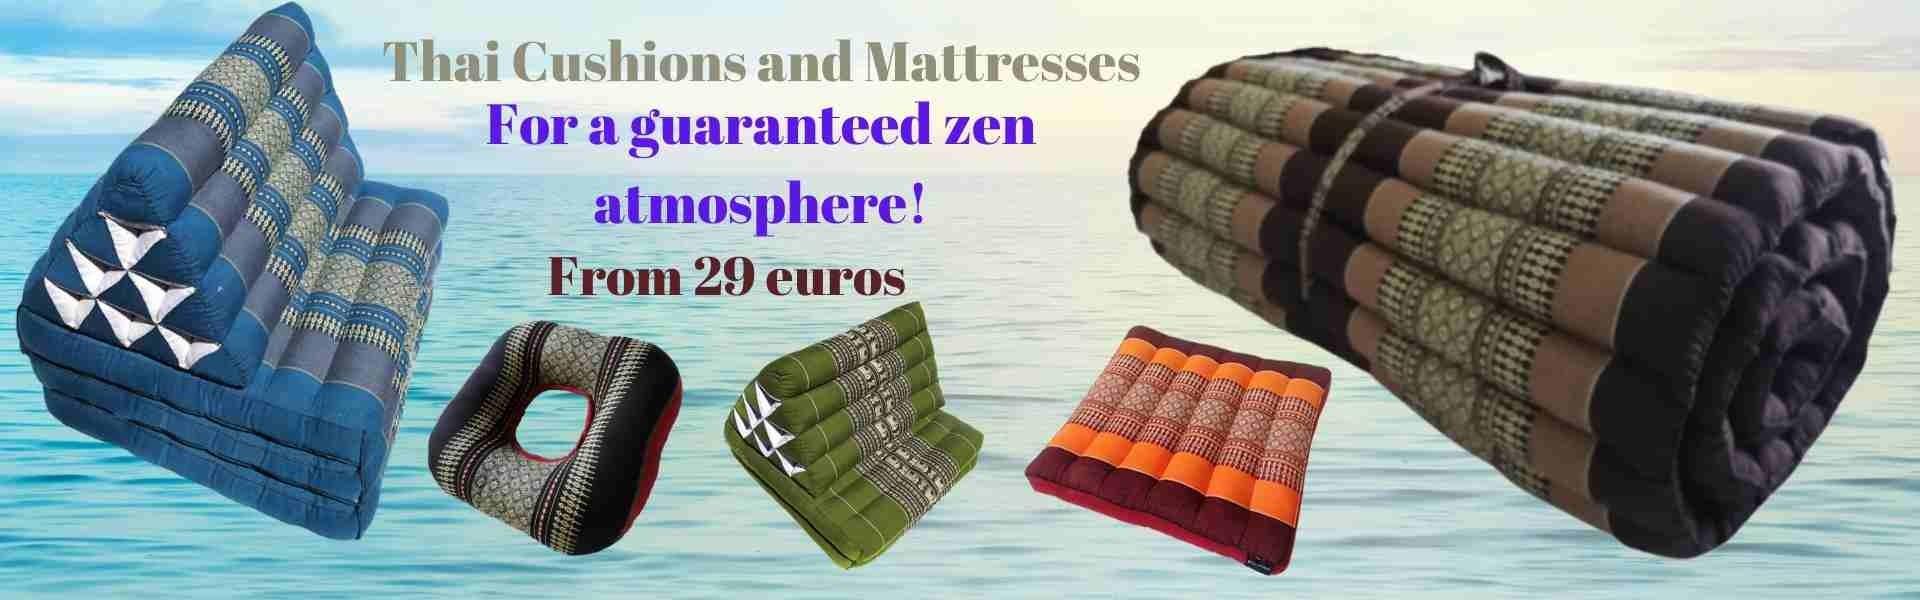 thai cushions and mattresses